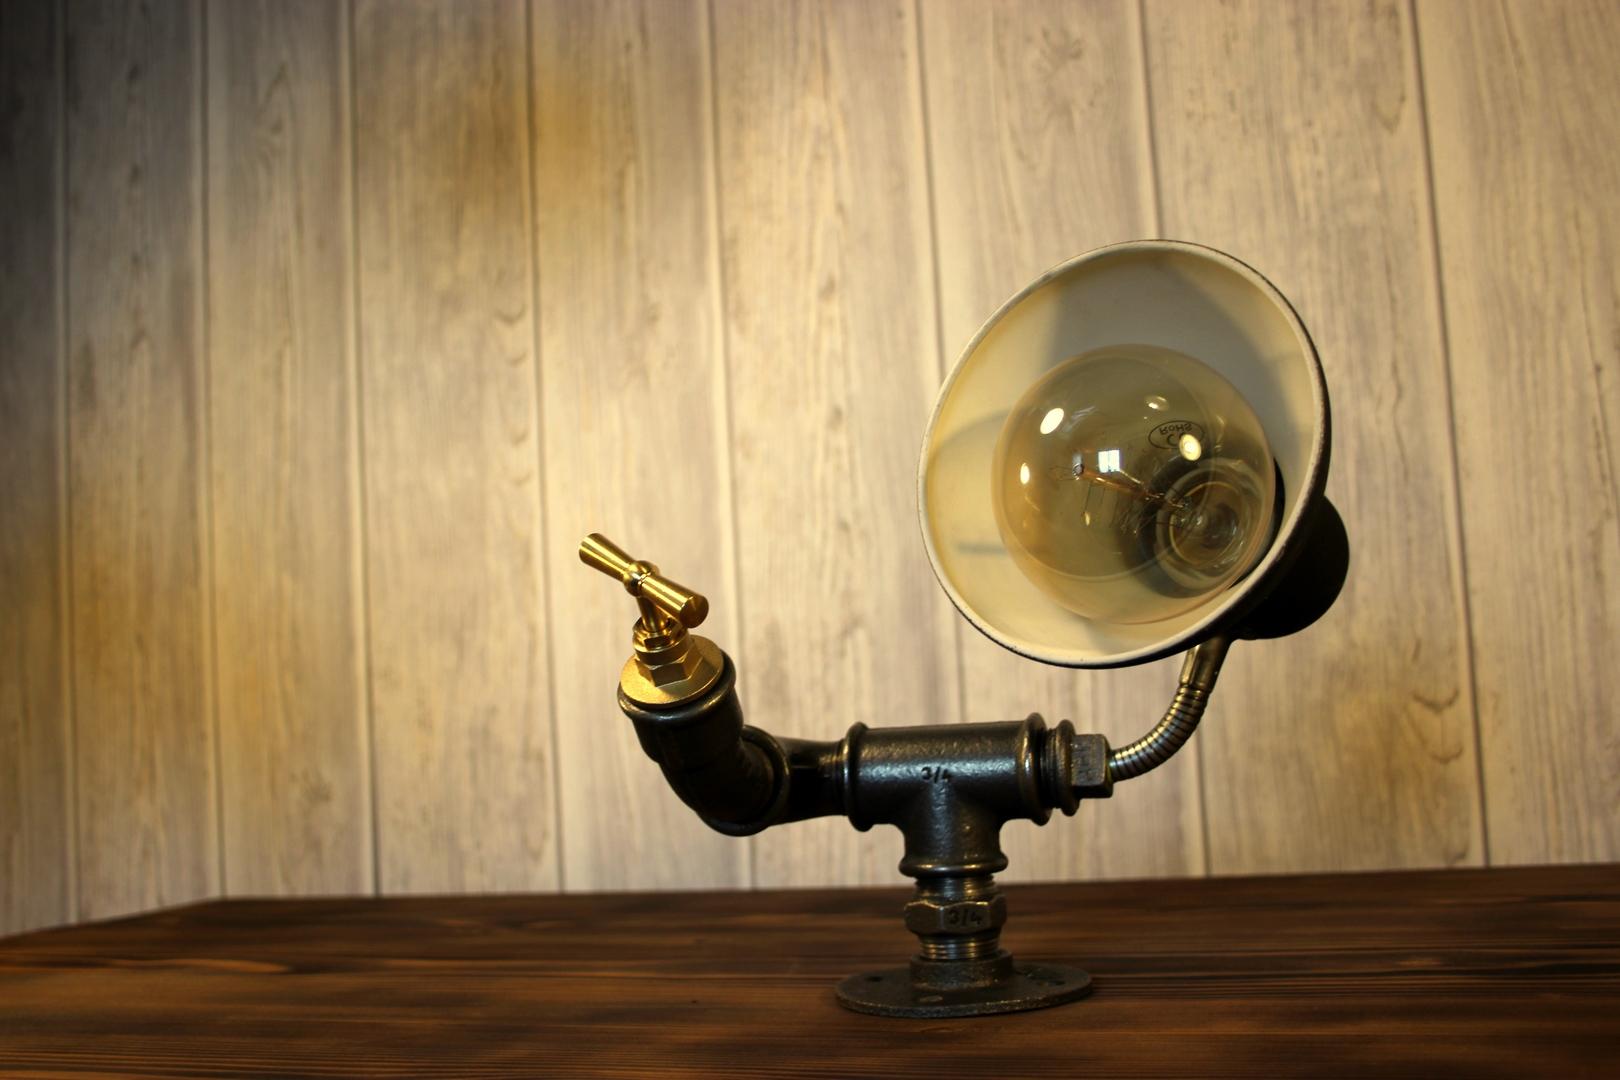 Lampe \'\'Zarby